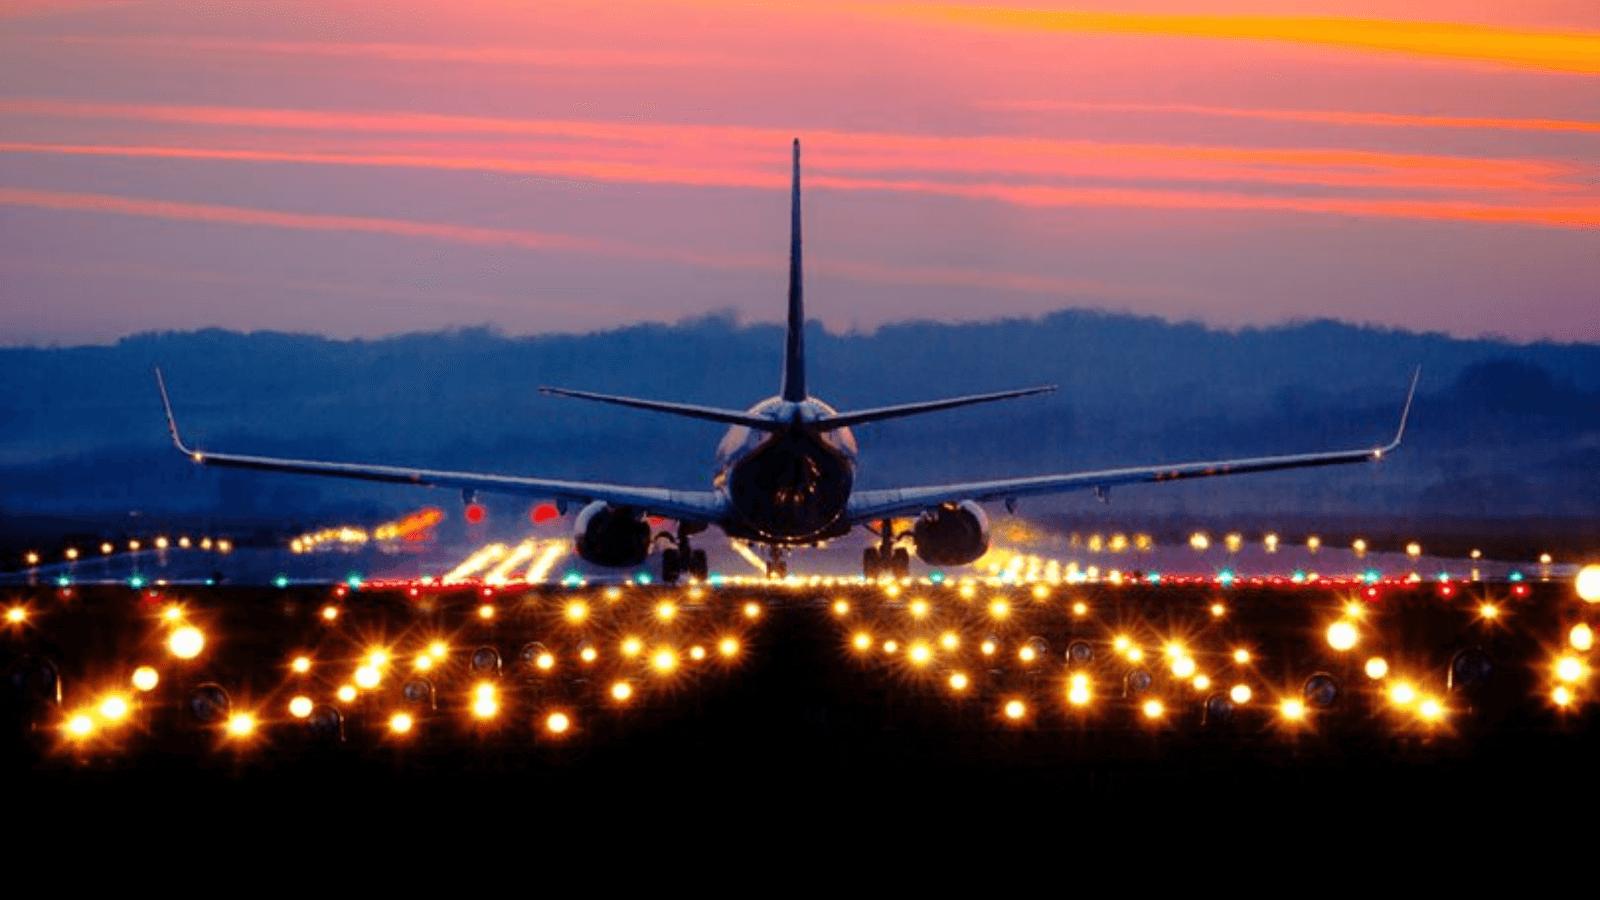 La Asociación Internacional de Transporte Aéreo estima que no habrá recuperación total de la aviación al menos hasta el 2023 7